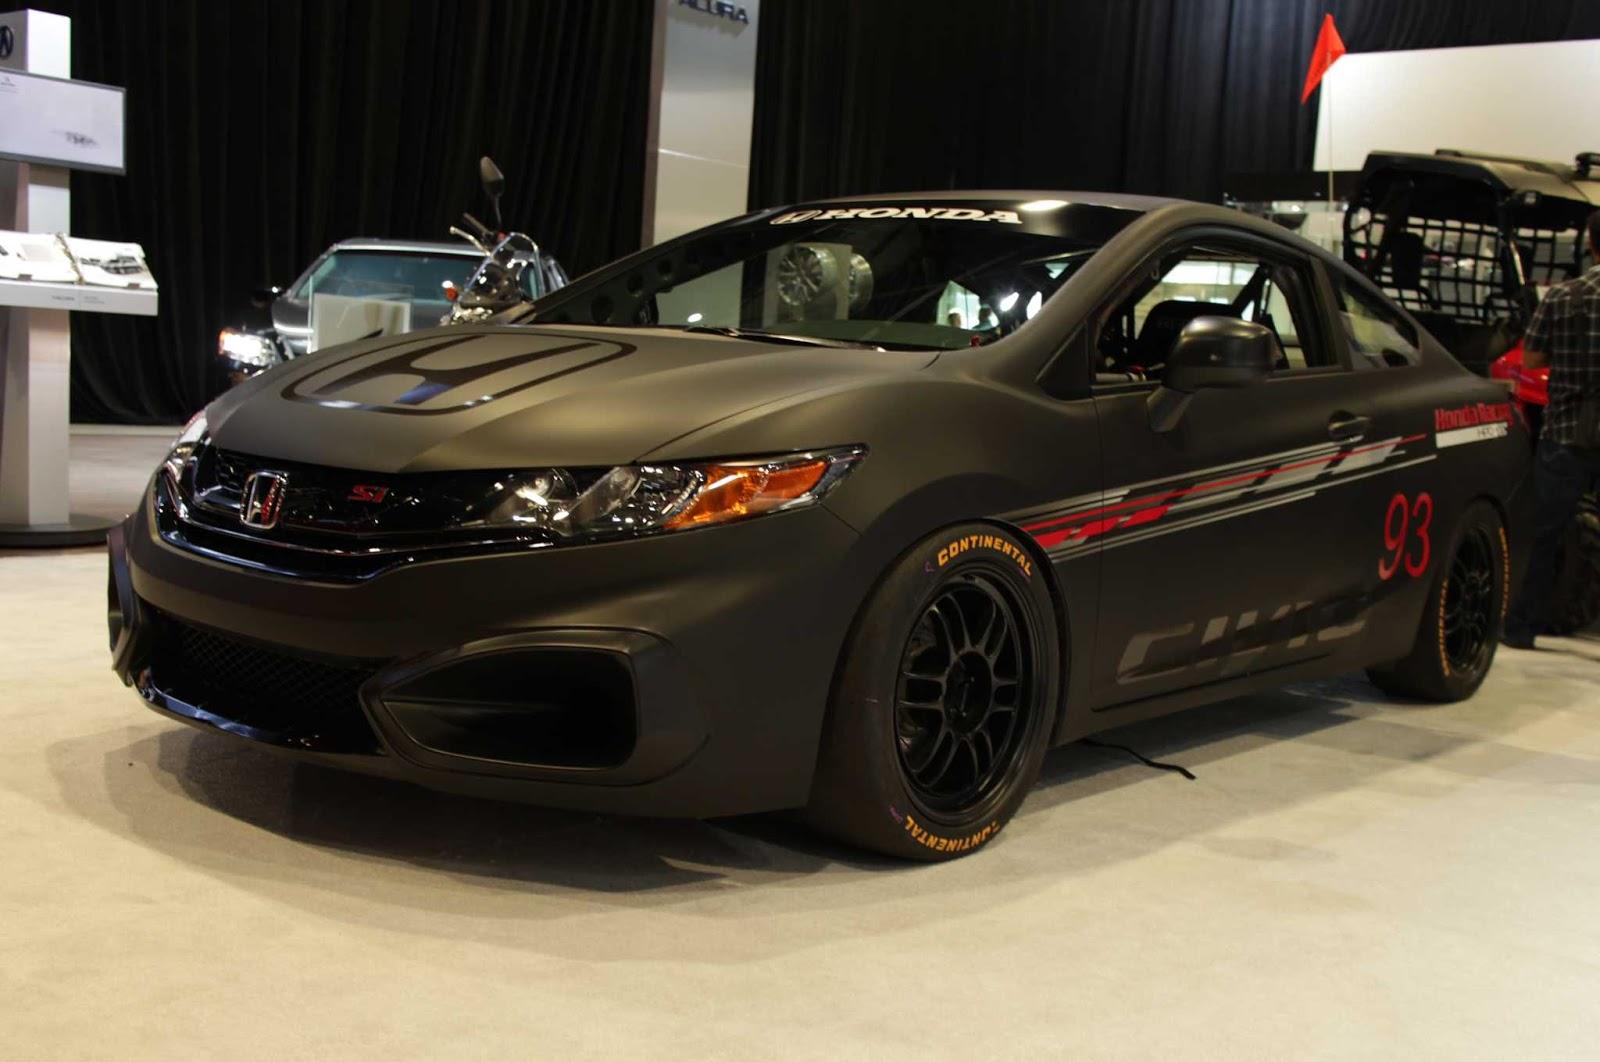 Honda Civic Si Modification Car Modification